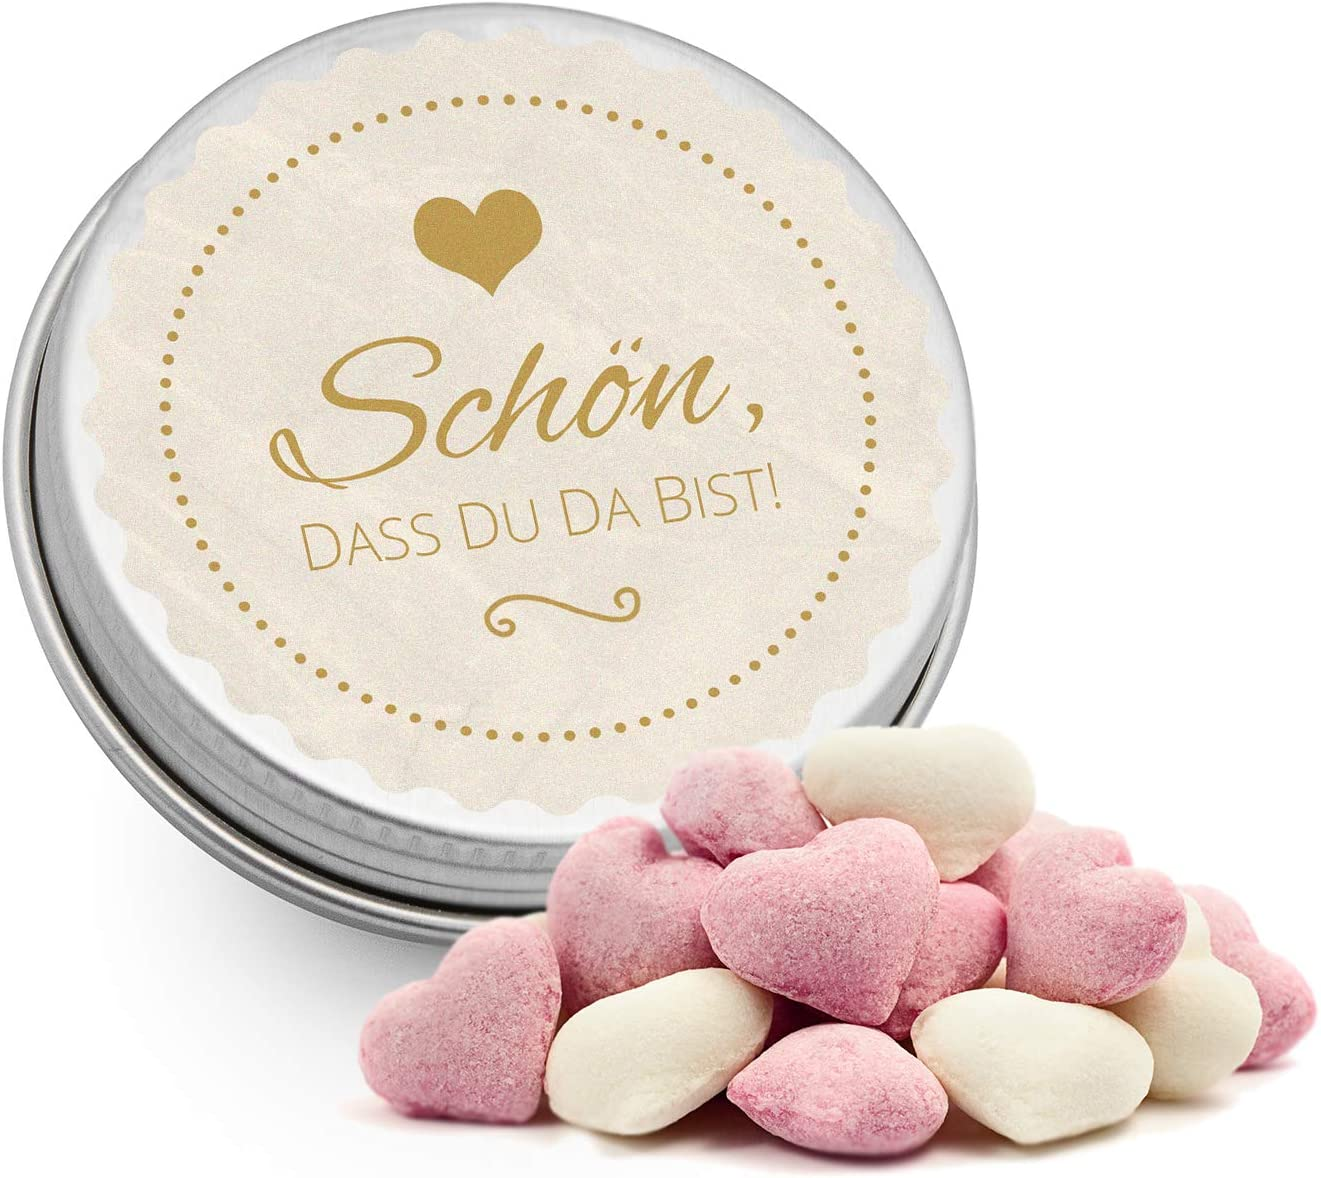 Taufe /& Kommunion Hochzeit DeinBonbon 20x Gastgeschenk Mini Dose DIY S/ü/ßigkeiten und Stickerbogen Geburtstag Altrosa, Cassis Herzen Fruchtsaft Gummis